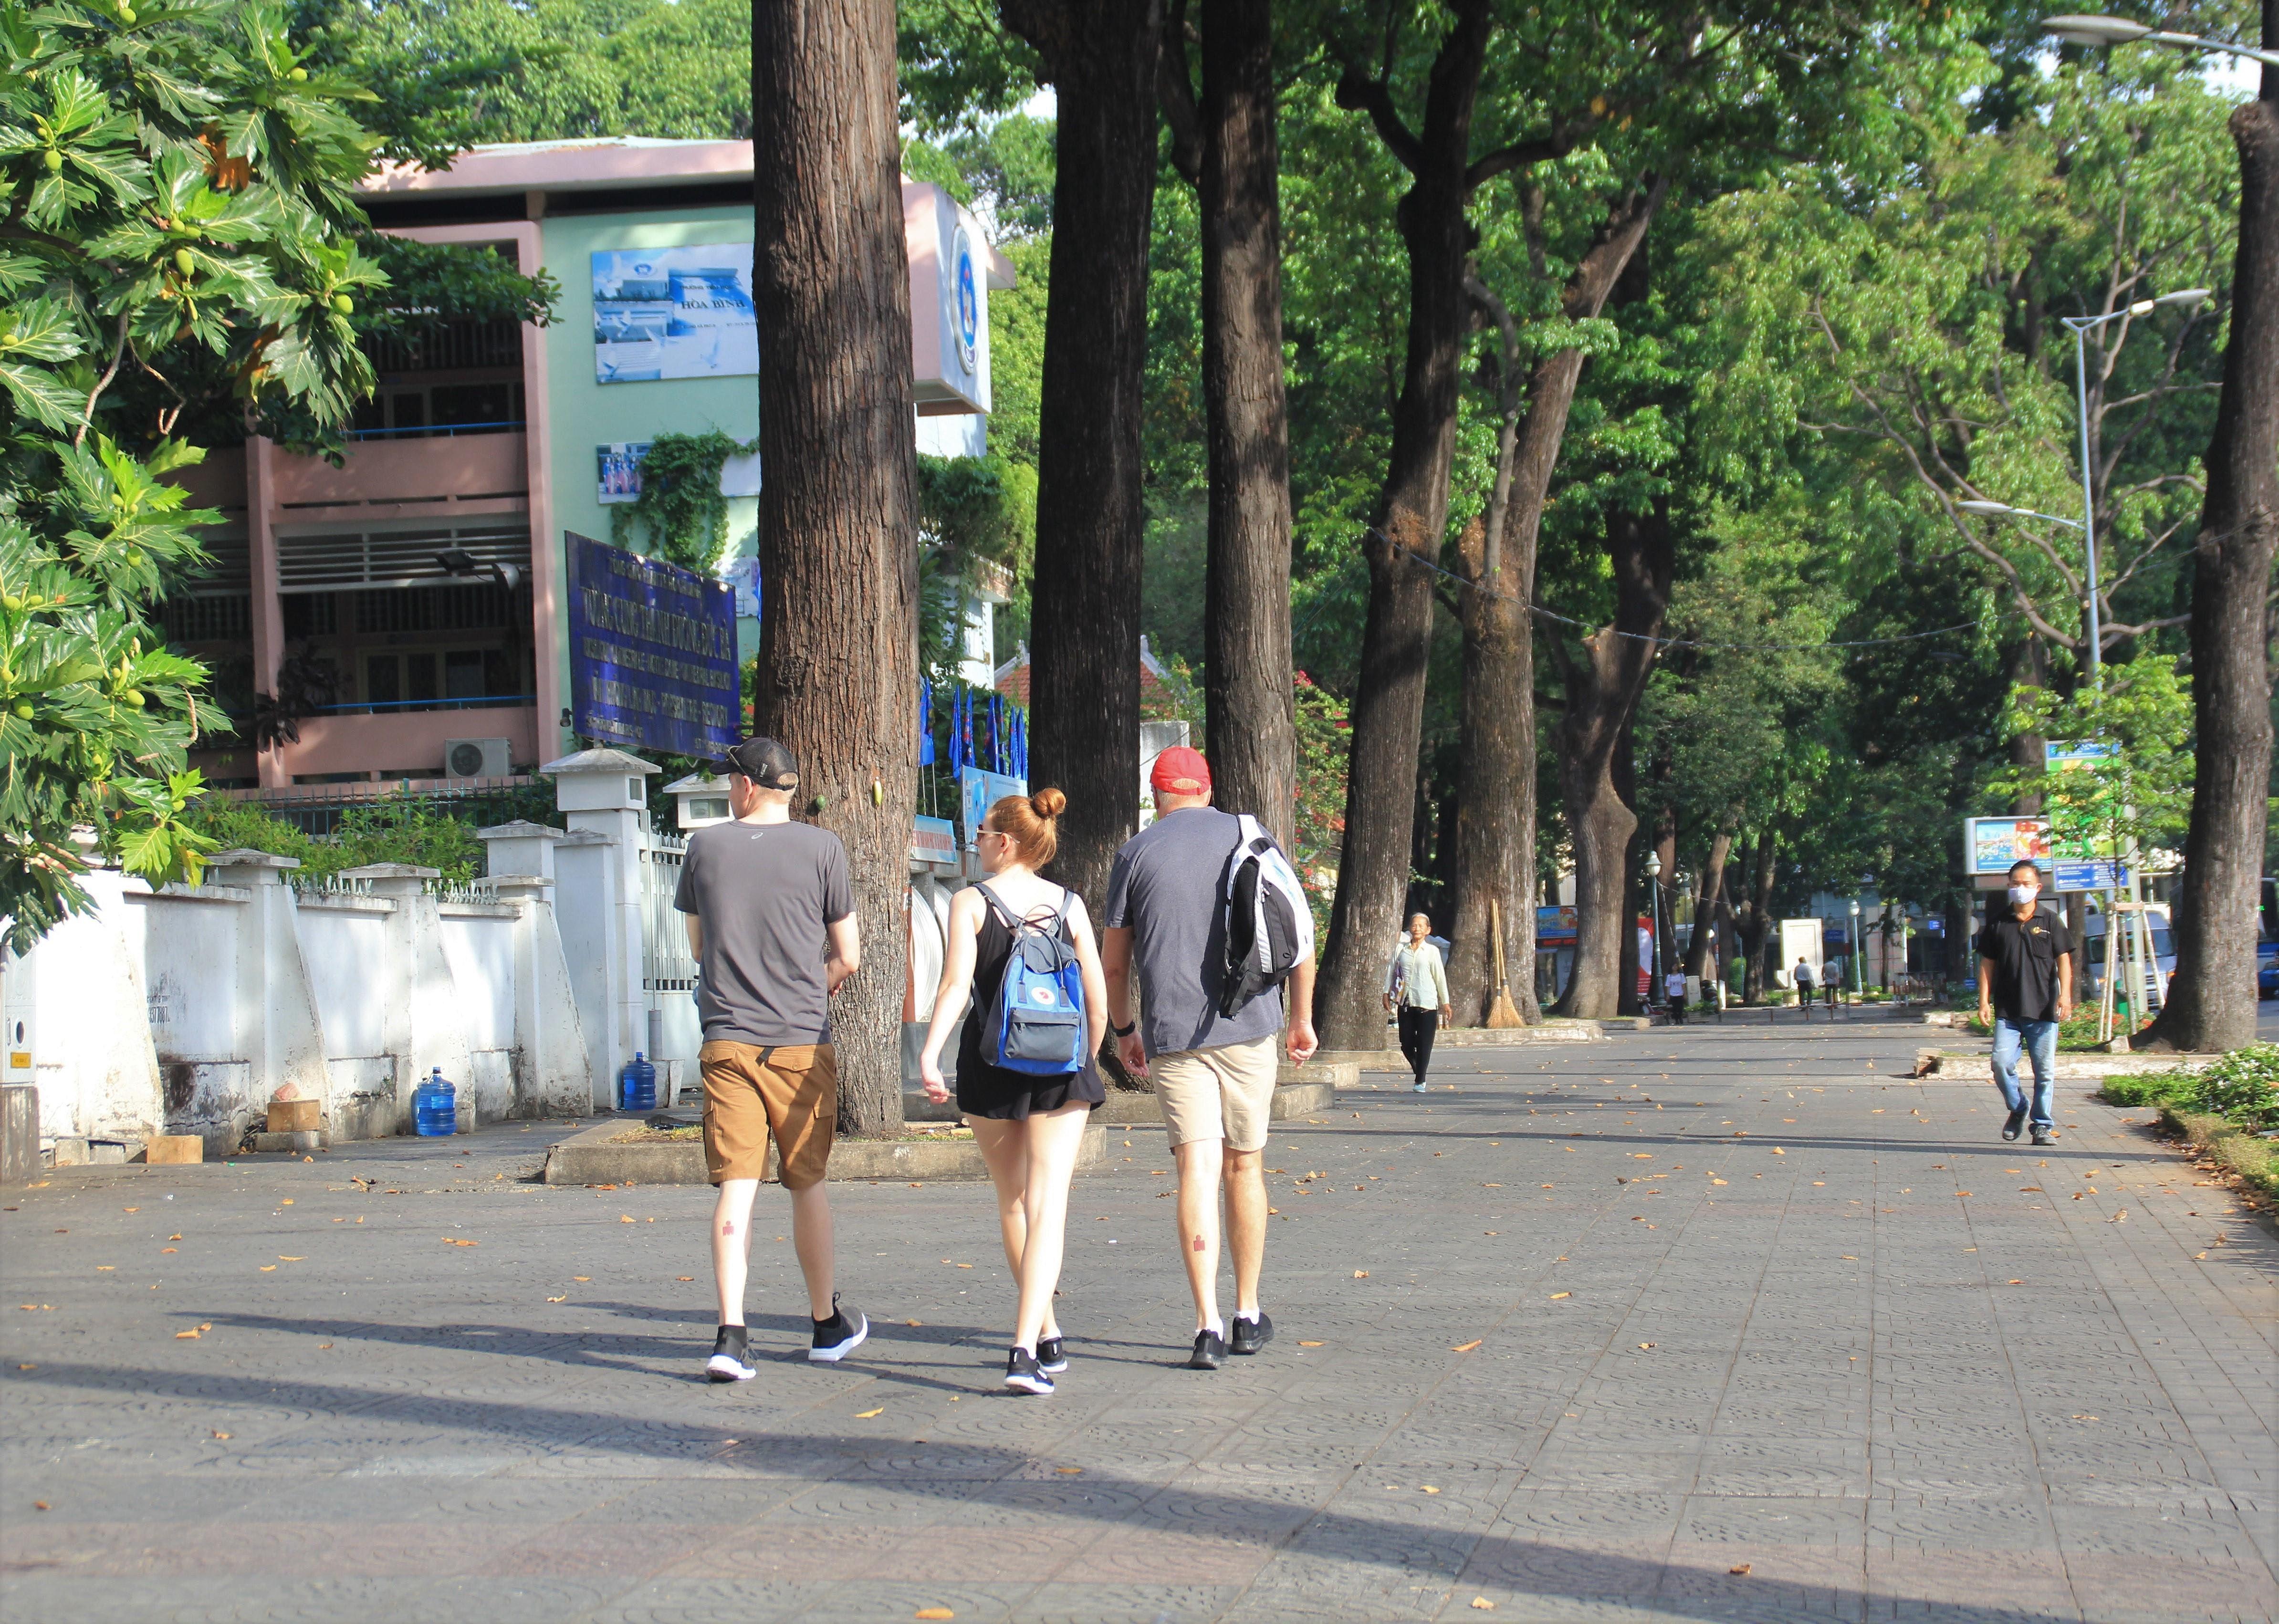 Khung cảnh yên ả ở Sài Gòn ngày đầu kỳ nghỉ lễ 30/4 và 1/5 Ảnh 4